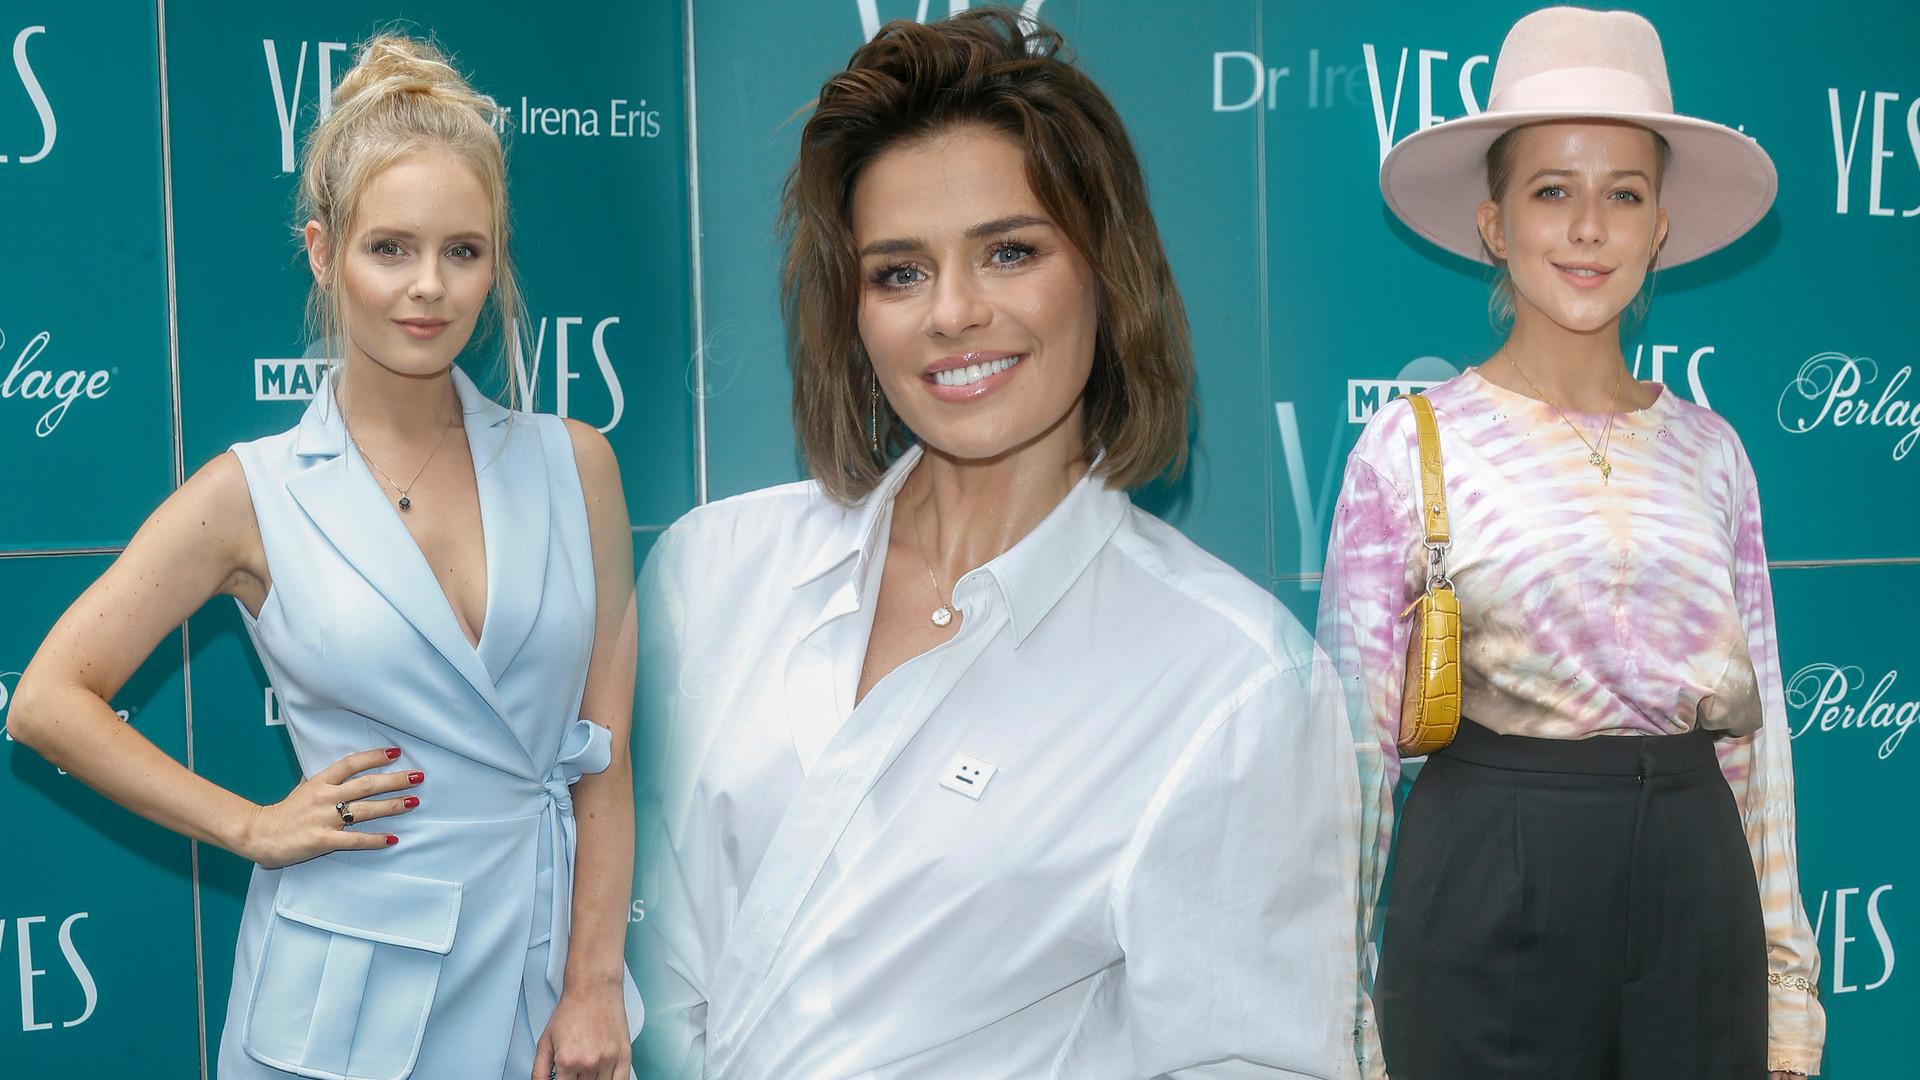 Natasza Urbańska, Olga Kalicka, Jessica Mercedes i inne gwiazdy na pokazie nowej kolekcji biżuterii (ZDJĘCIA)